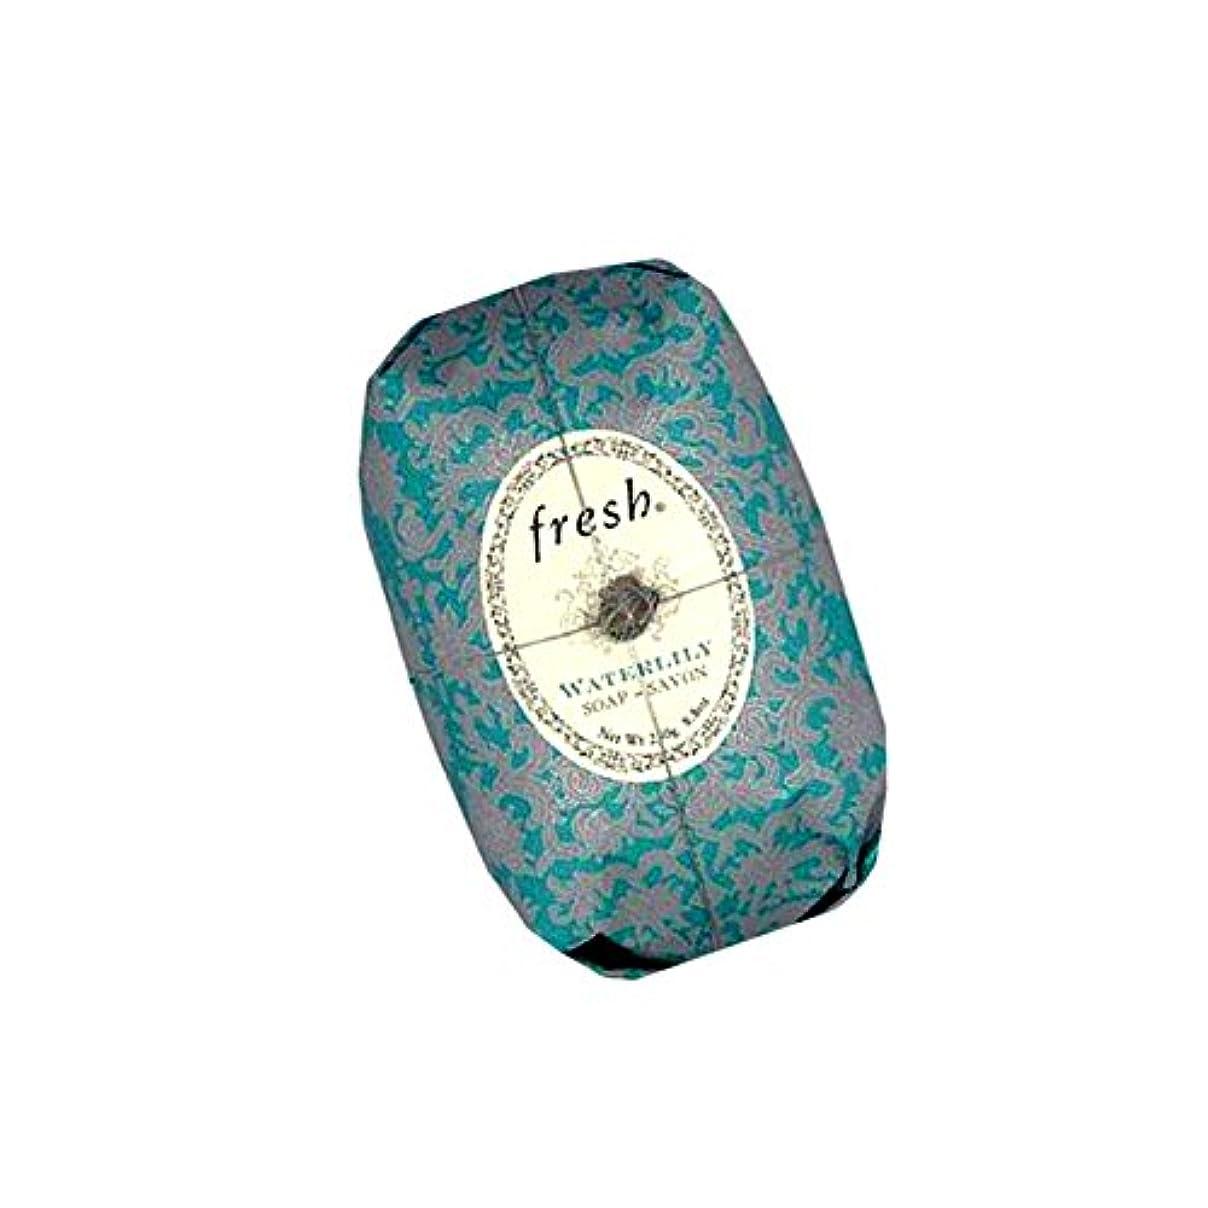 軽蔑する支店切断するFresh フレッシュ Waterlily Soap 石鹸, 250g/8.8oz. [海外直送品] [並行輸入品]